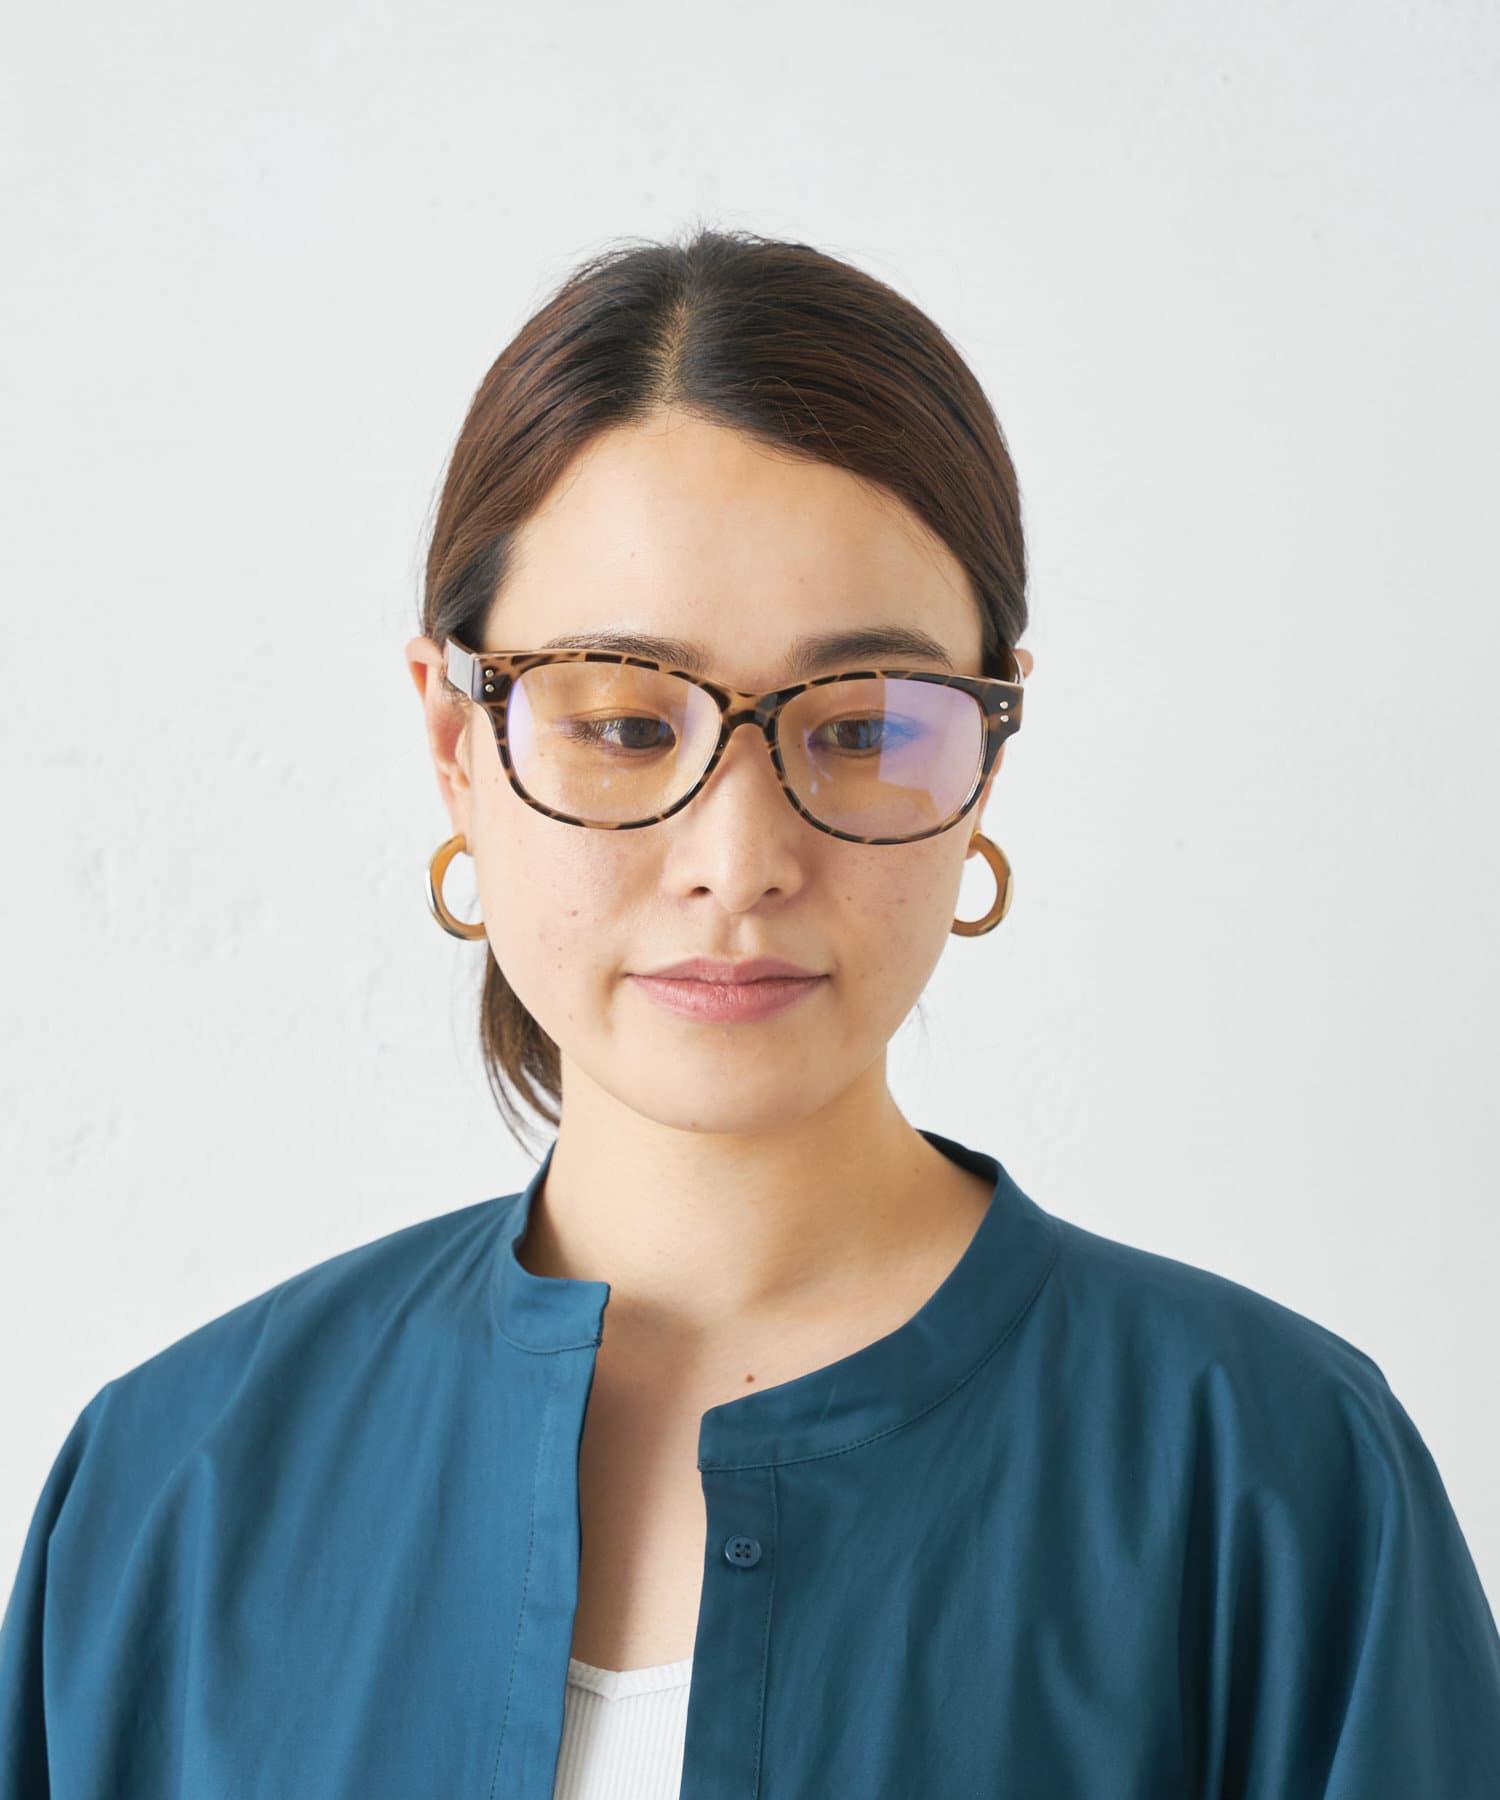 BONbazaar(ボンバザール) 【Edge Style】PC glasses ESPC203-2